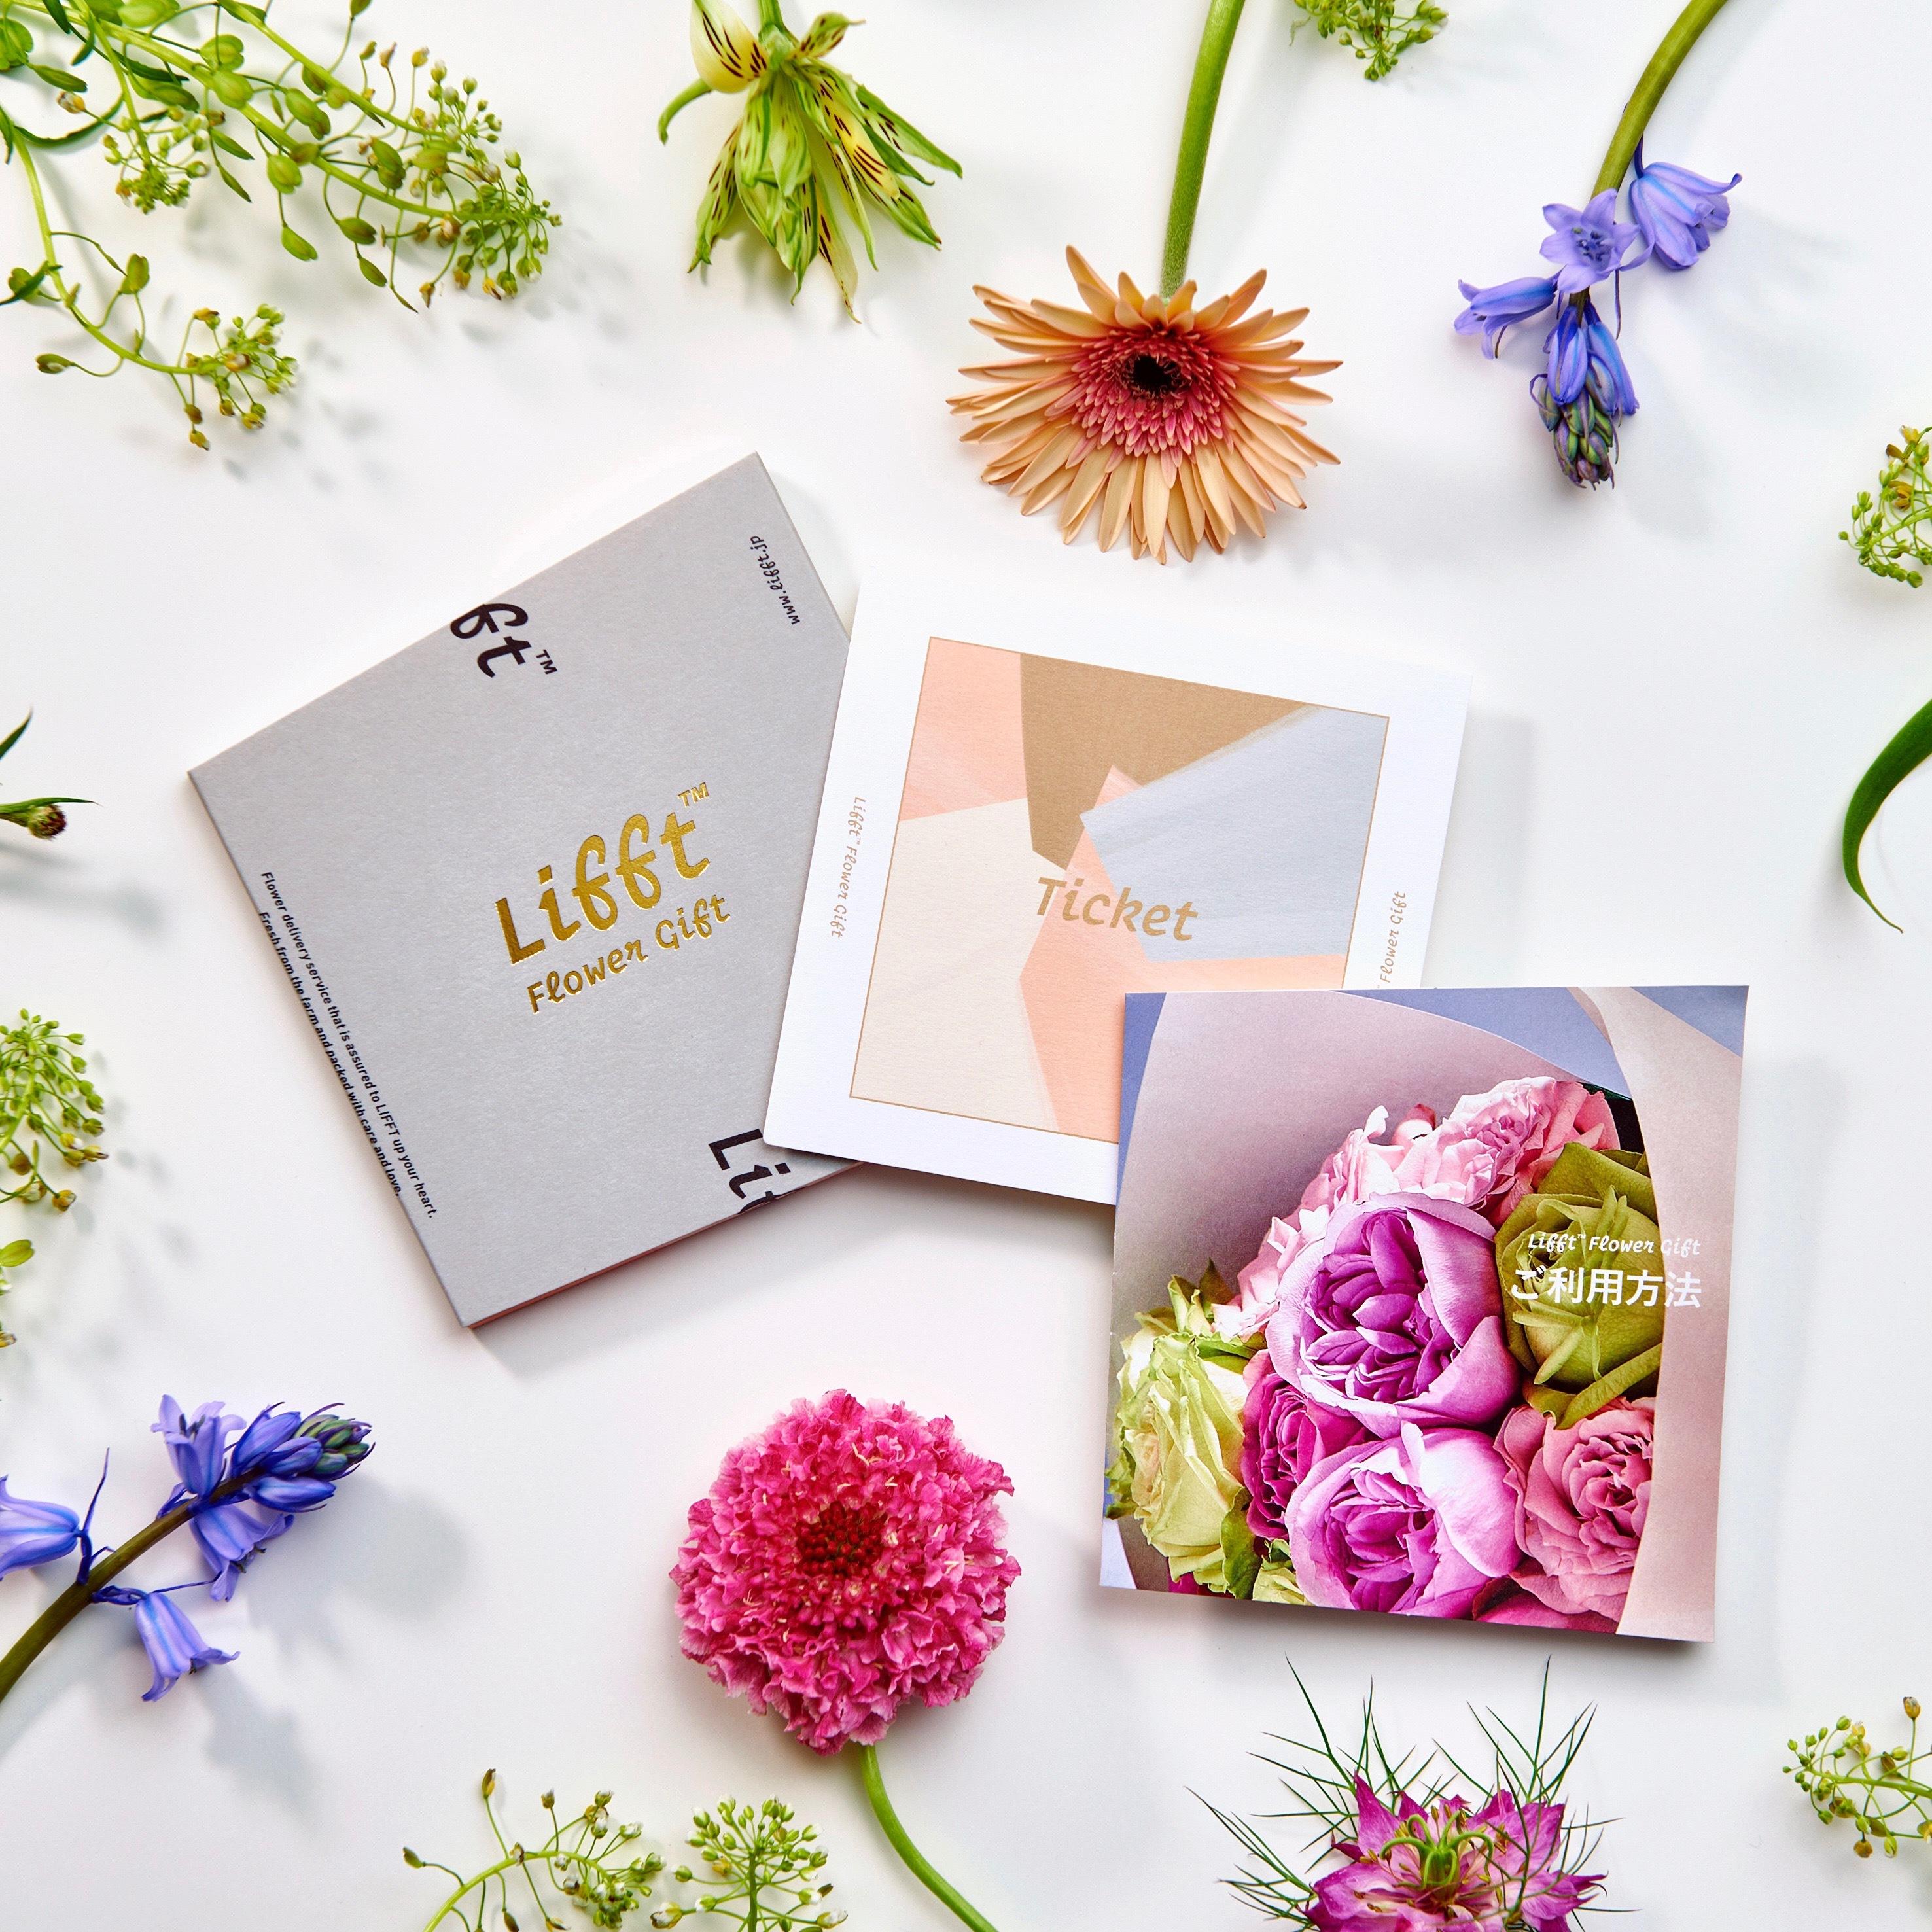 Lifft™️ Flower Gift Ticket PLUS